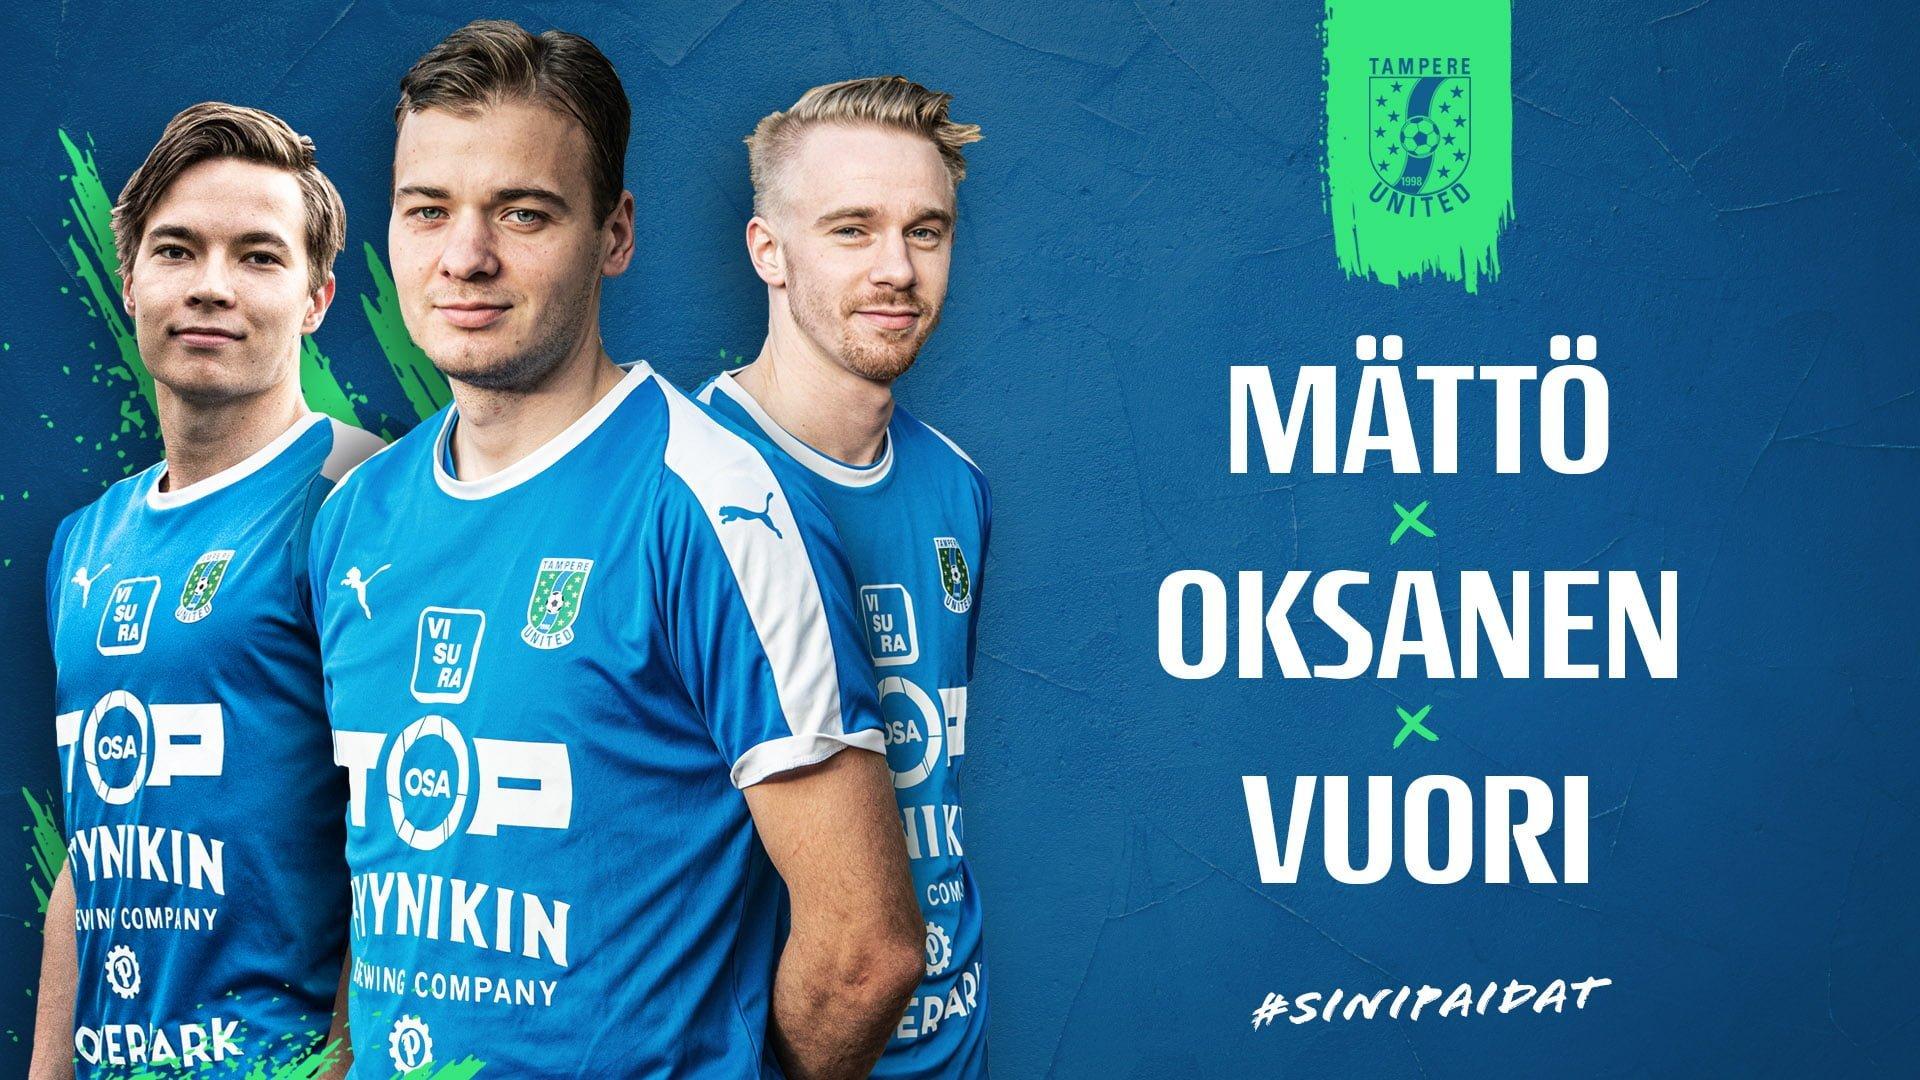 Jesset Vuori ja Oksanen sekä Arttu Mättö jatkavat TamUssa -uutiskuva